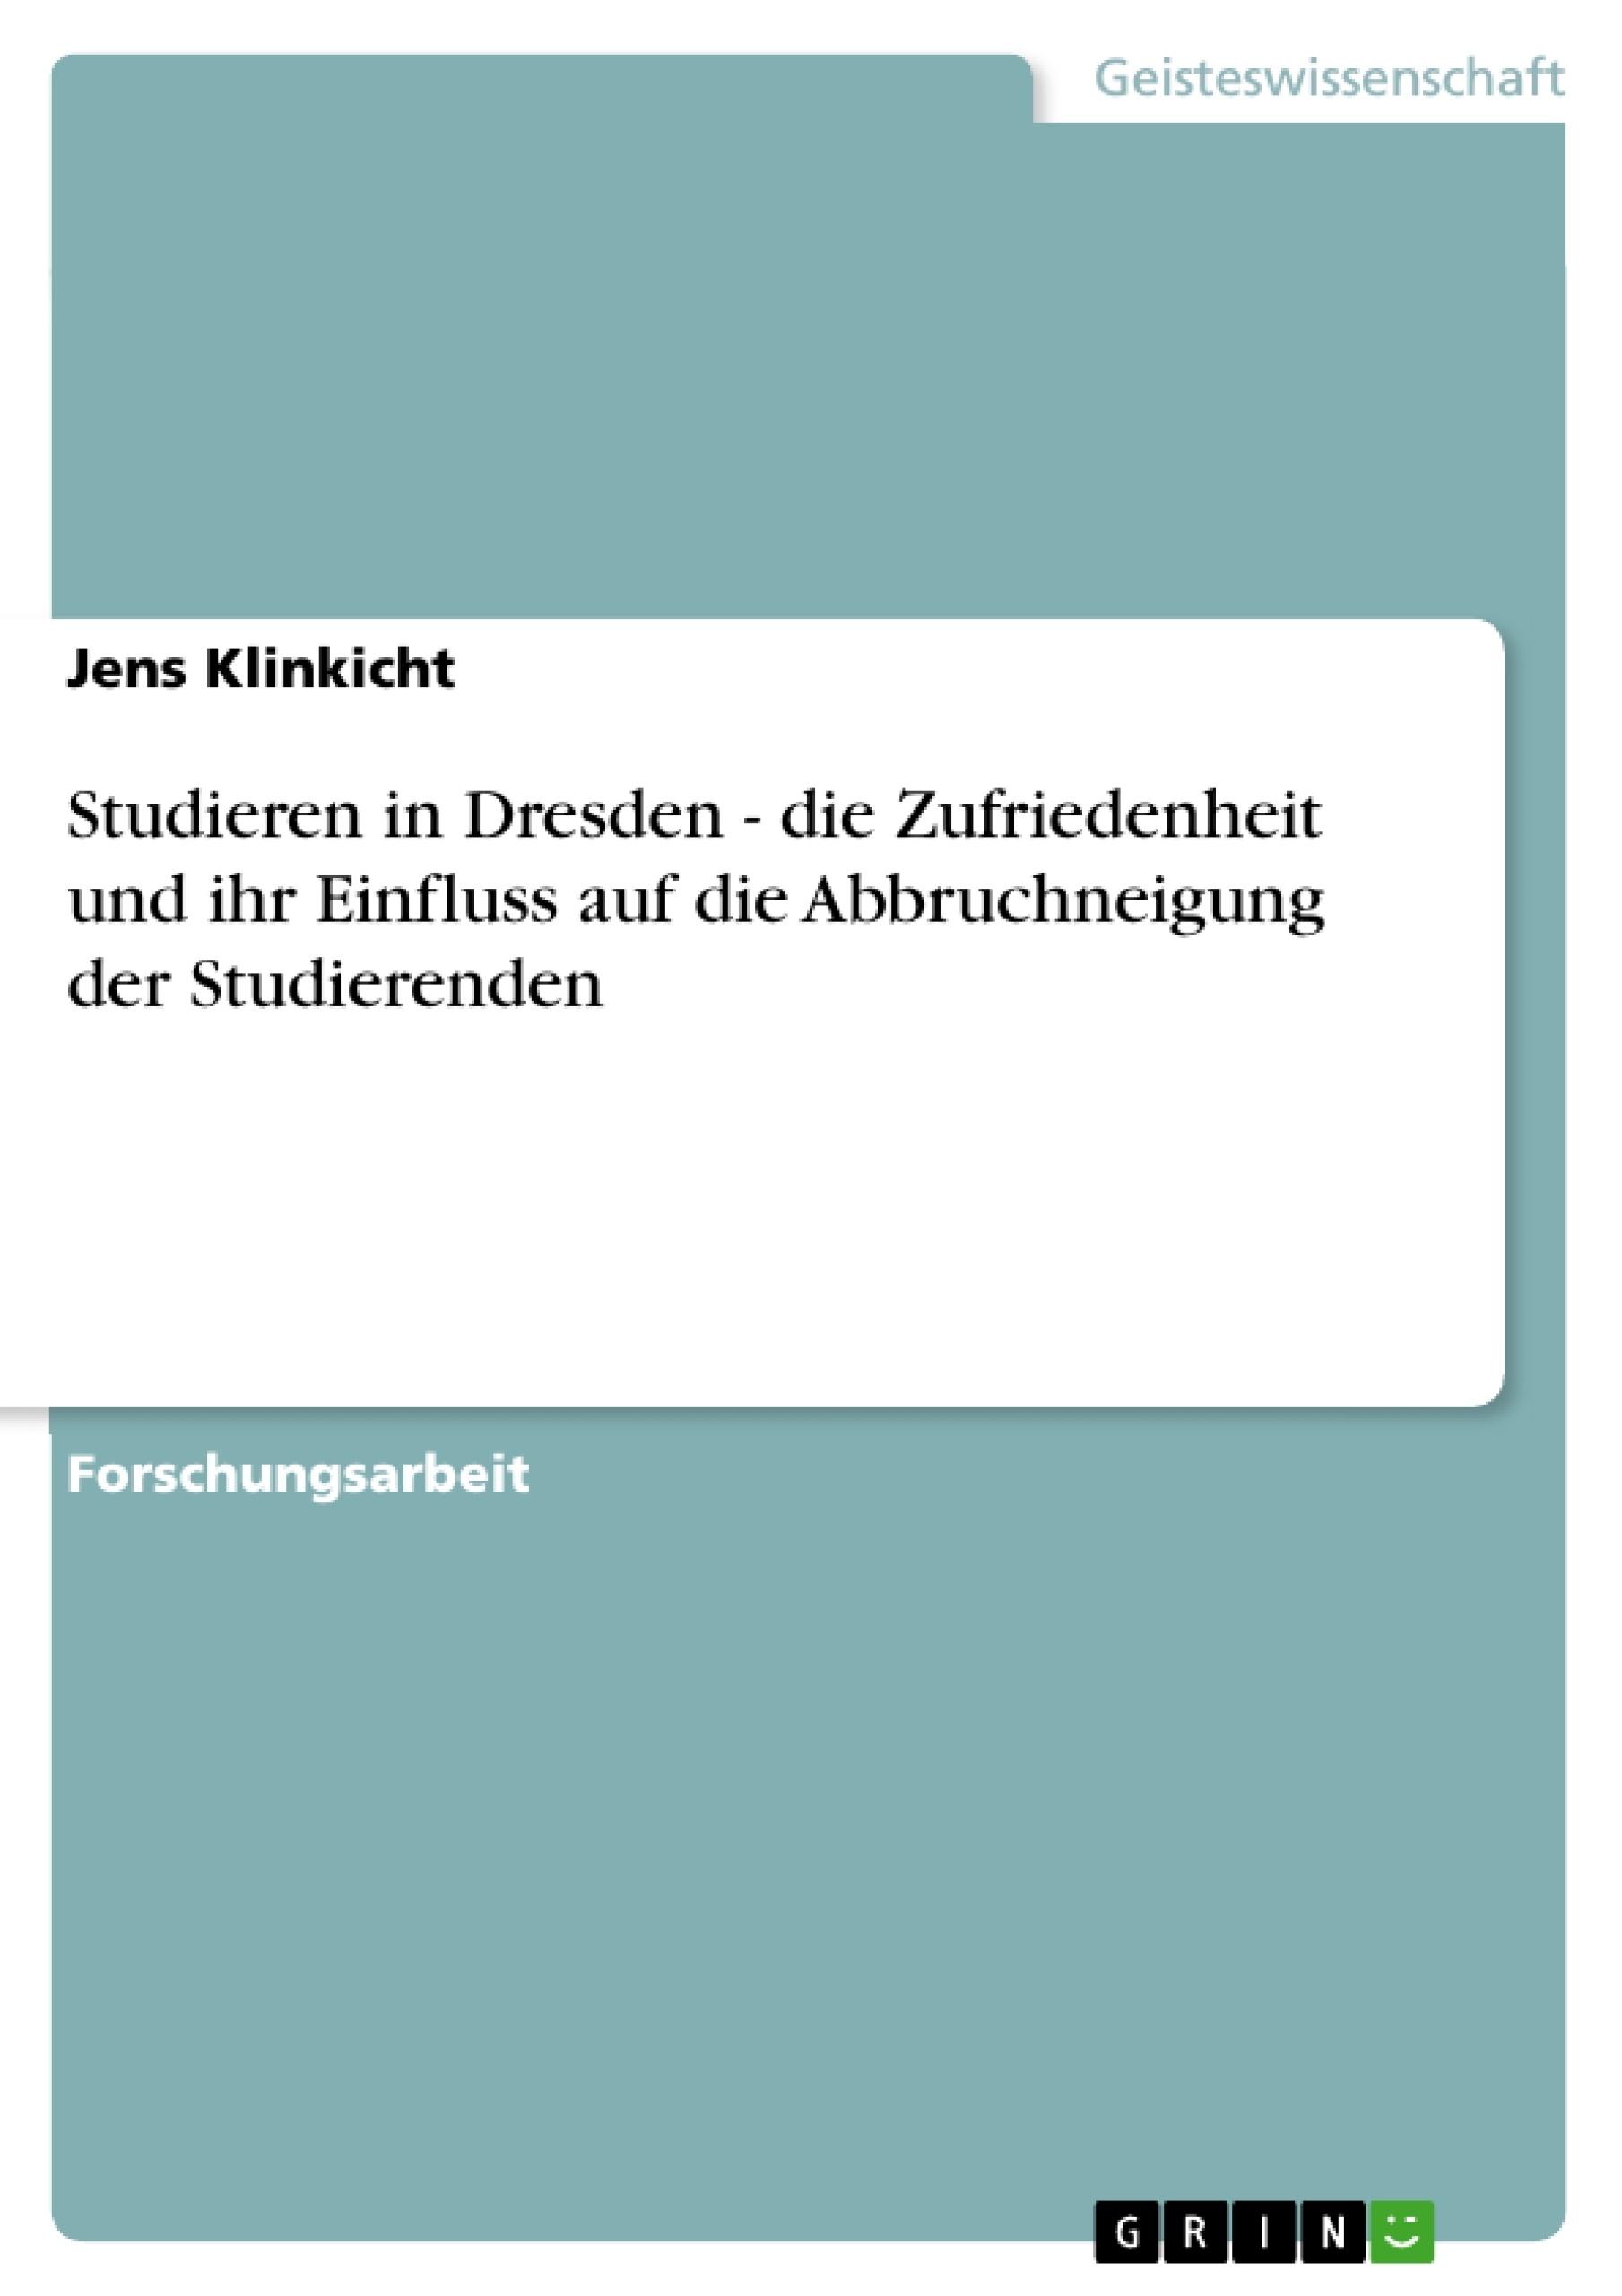 Titel: Studieren in Dresden - die Zufriedenheit und ihr Einfluss auf die Abbruchneigung der Studierenden